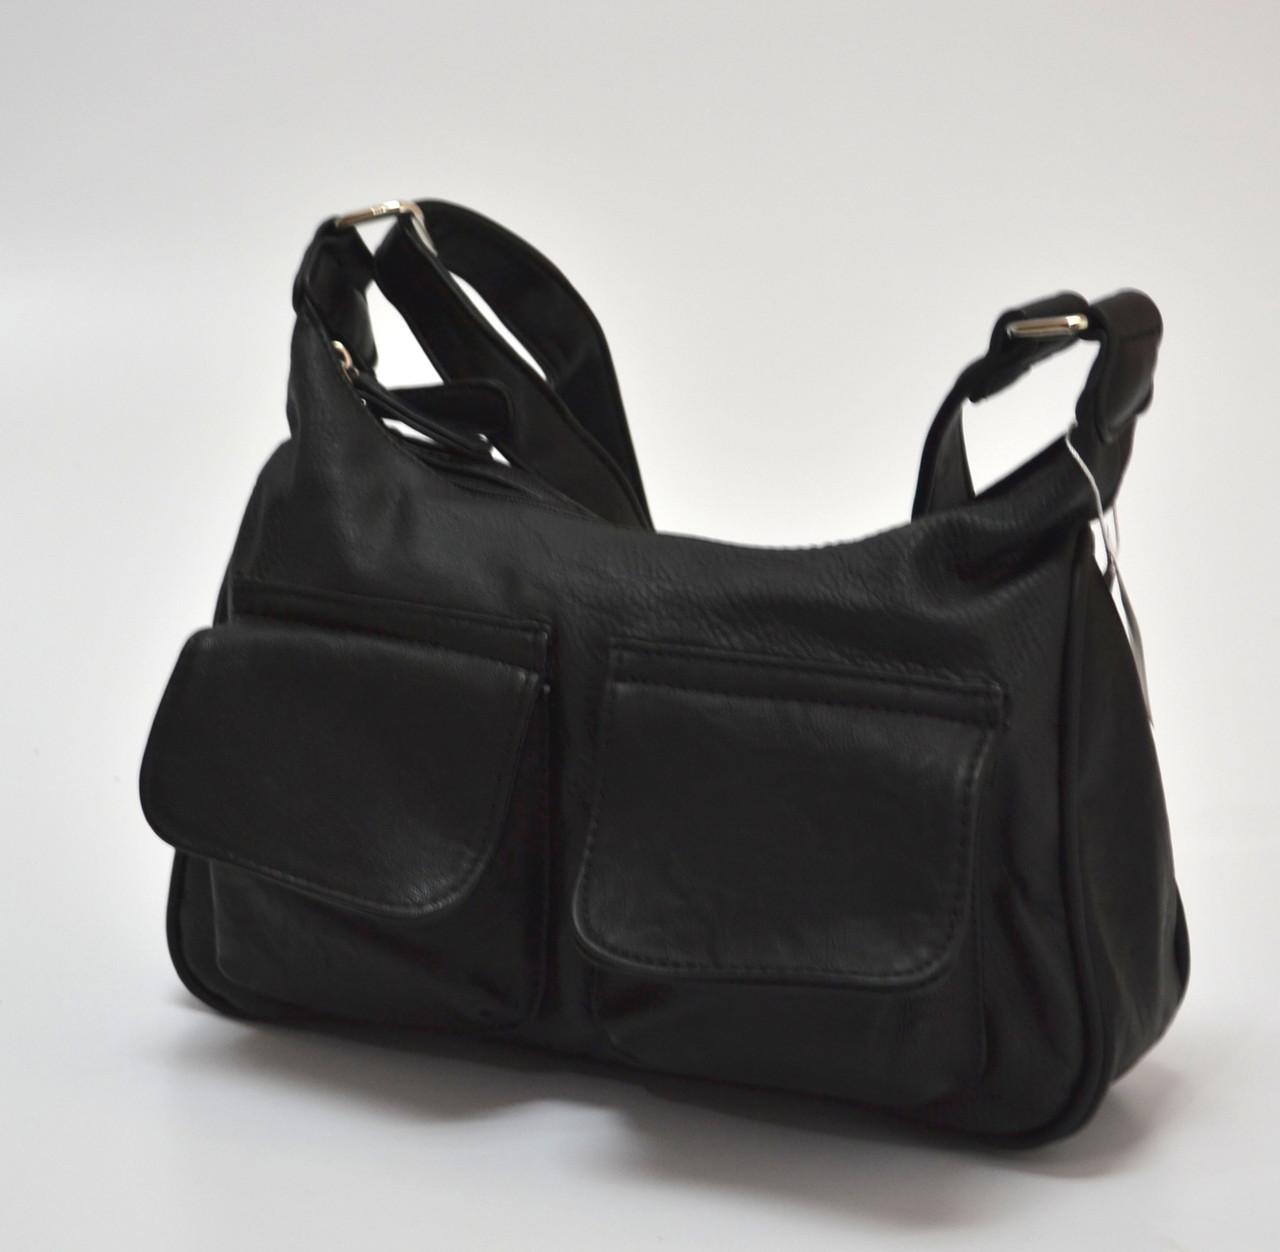 7ad758aa9e31 Небольшая женская сумка, черная, с кармашками спереди.: продажа ...